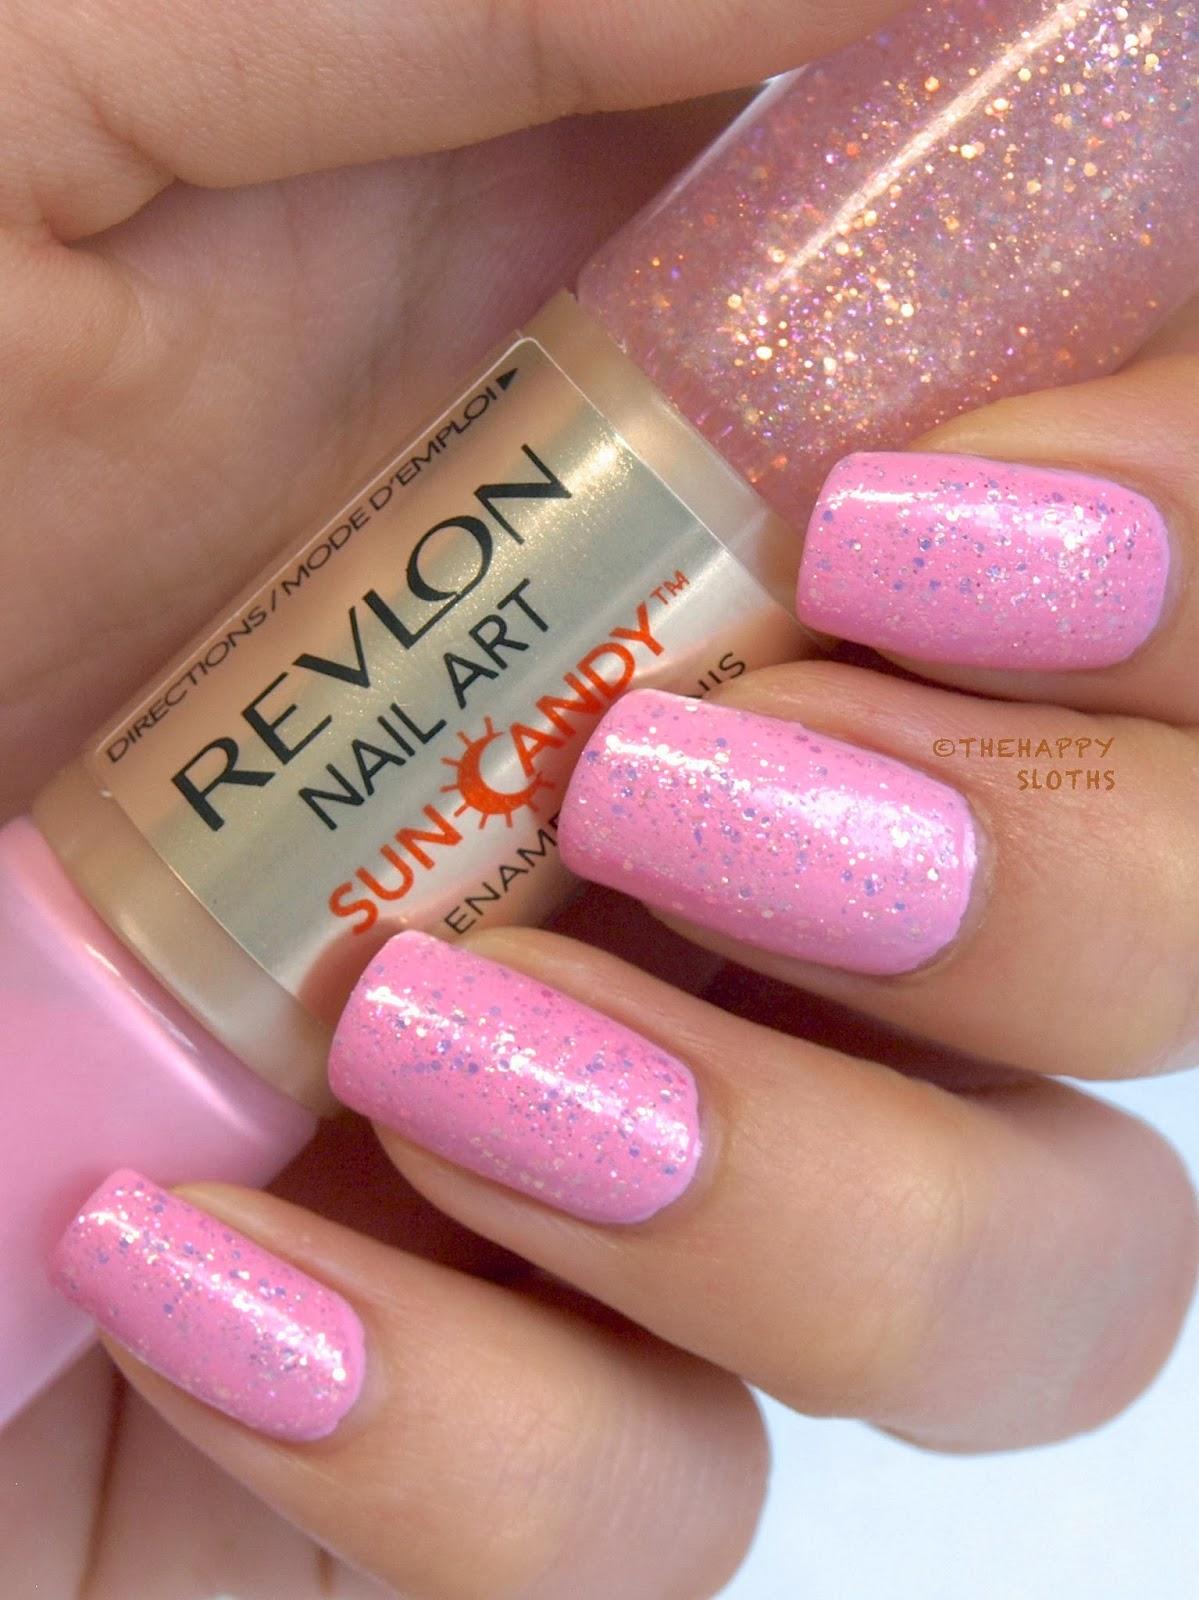 Revlon Nail Art Sun Candy Nail Enamel in \